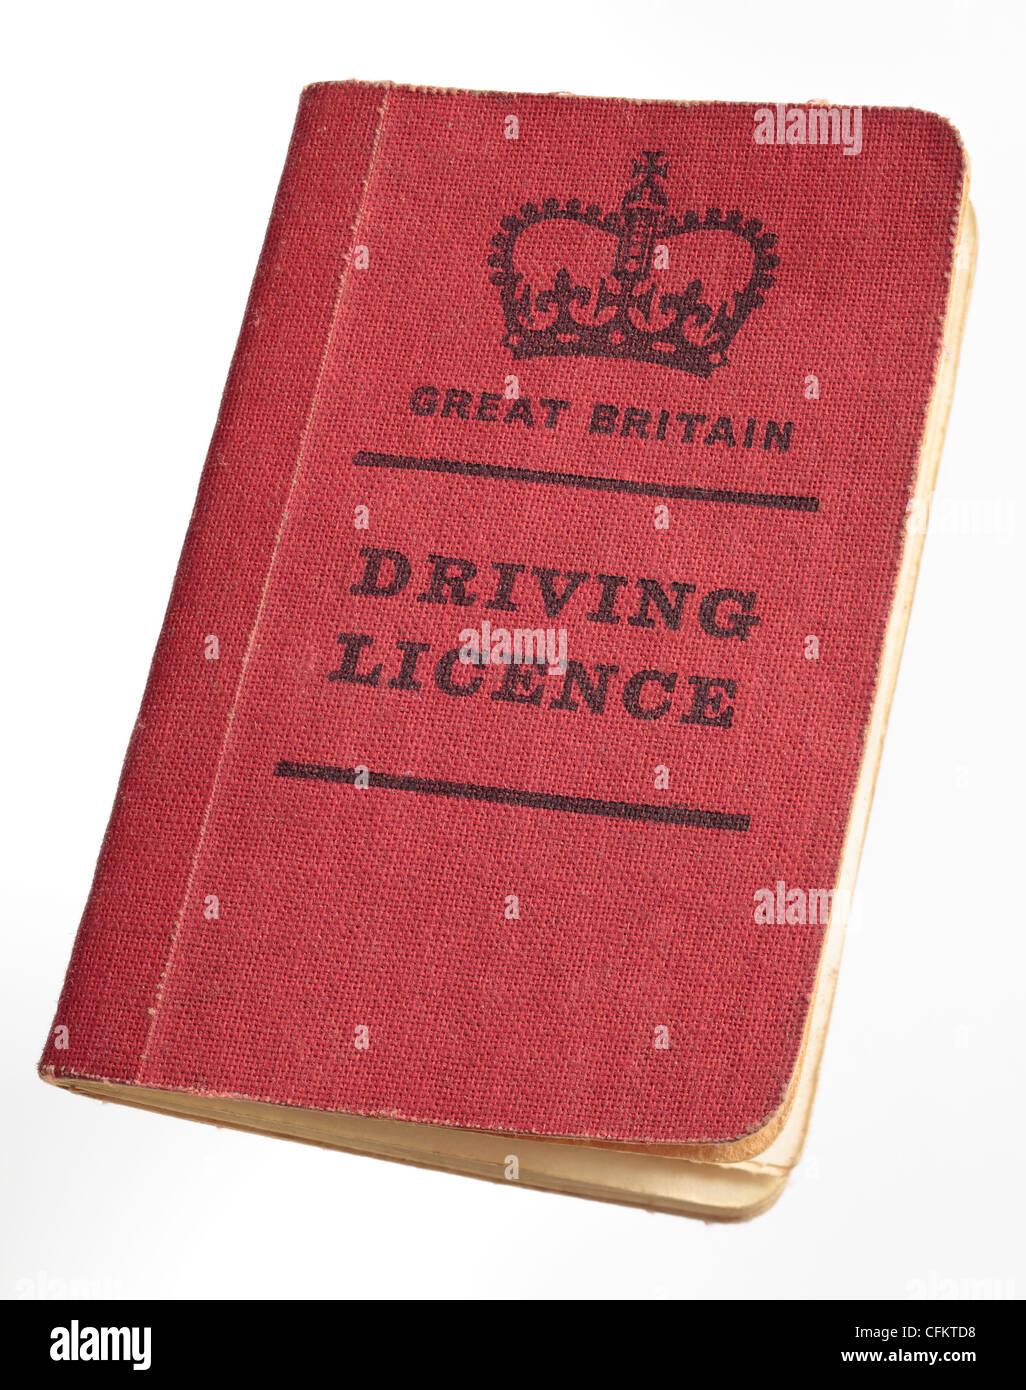 Cubierta roja de estilo antiguo carné de conducir británico desde finales de los 60's Imagen De Stock